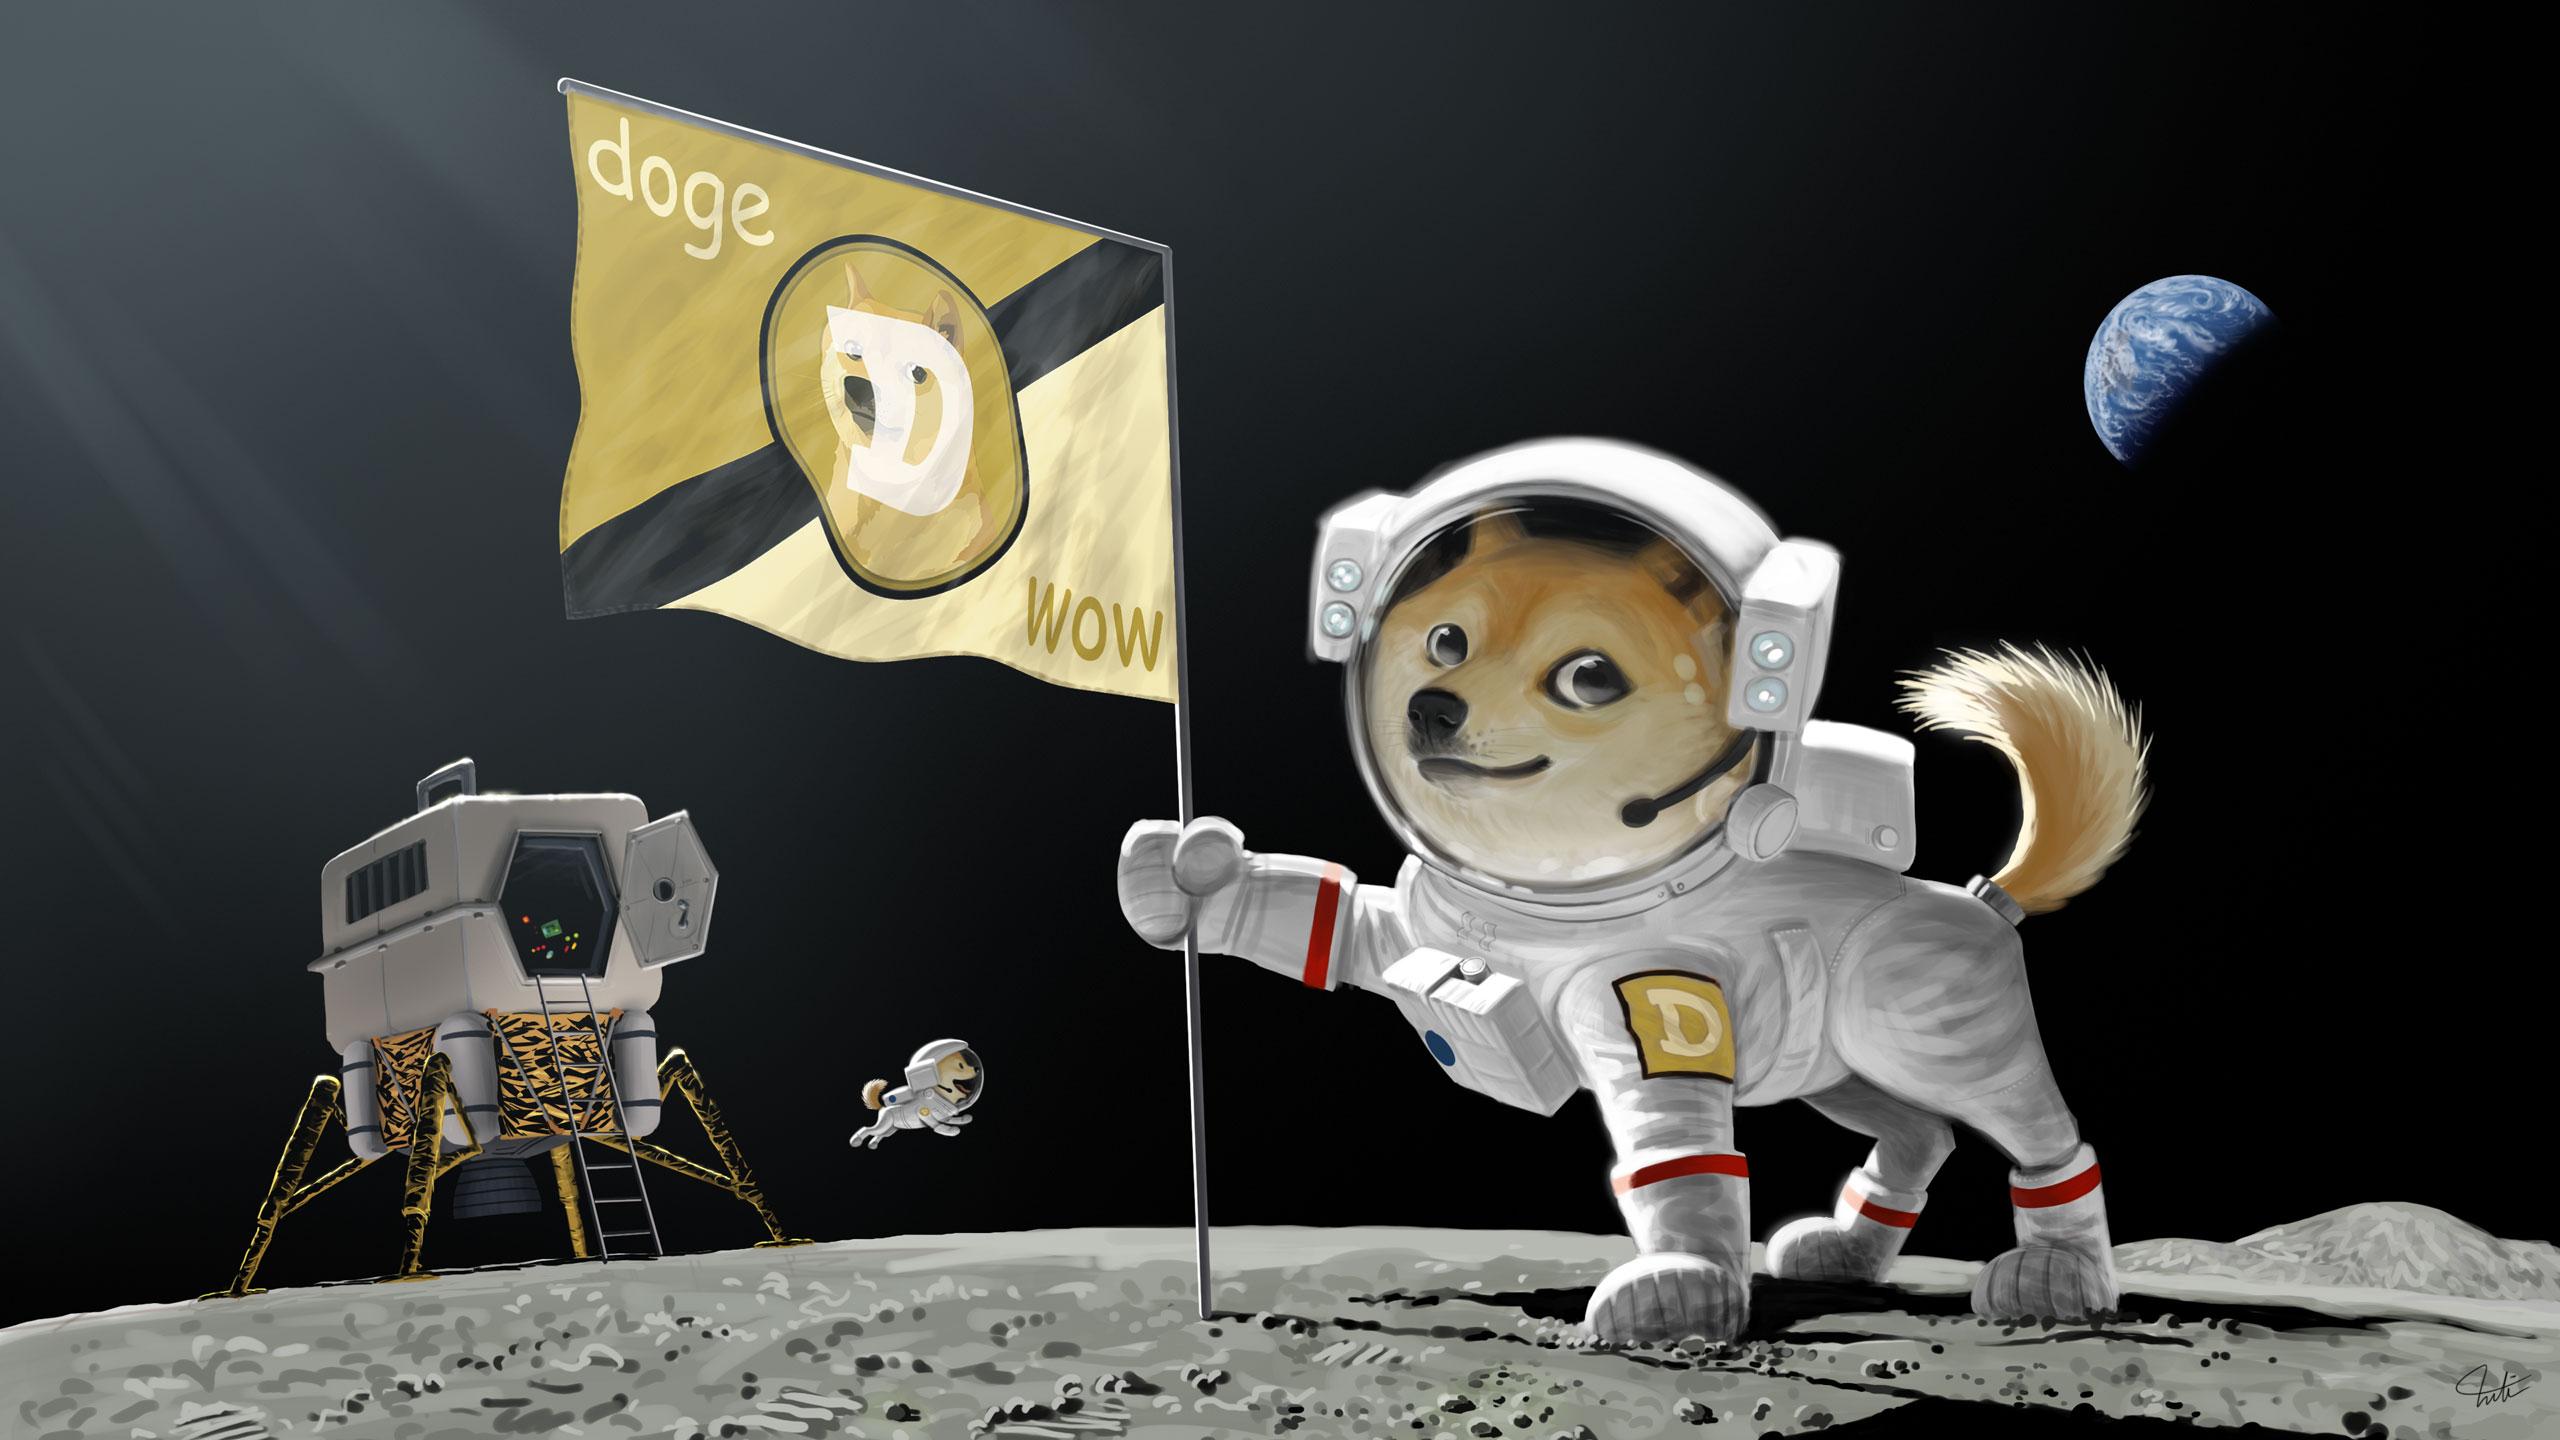 Funny Dog Meme Backgrounds : Doge desktop wallpaper